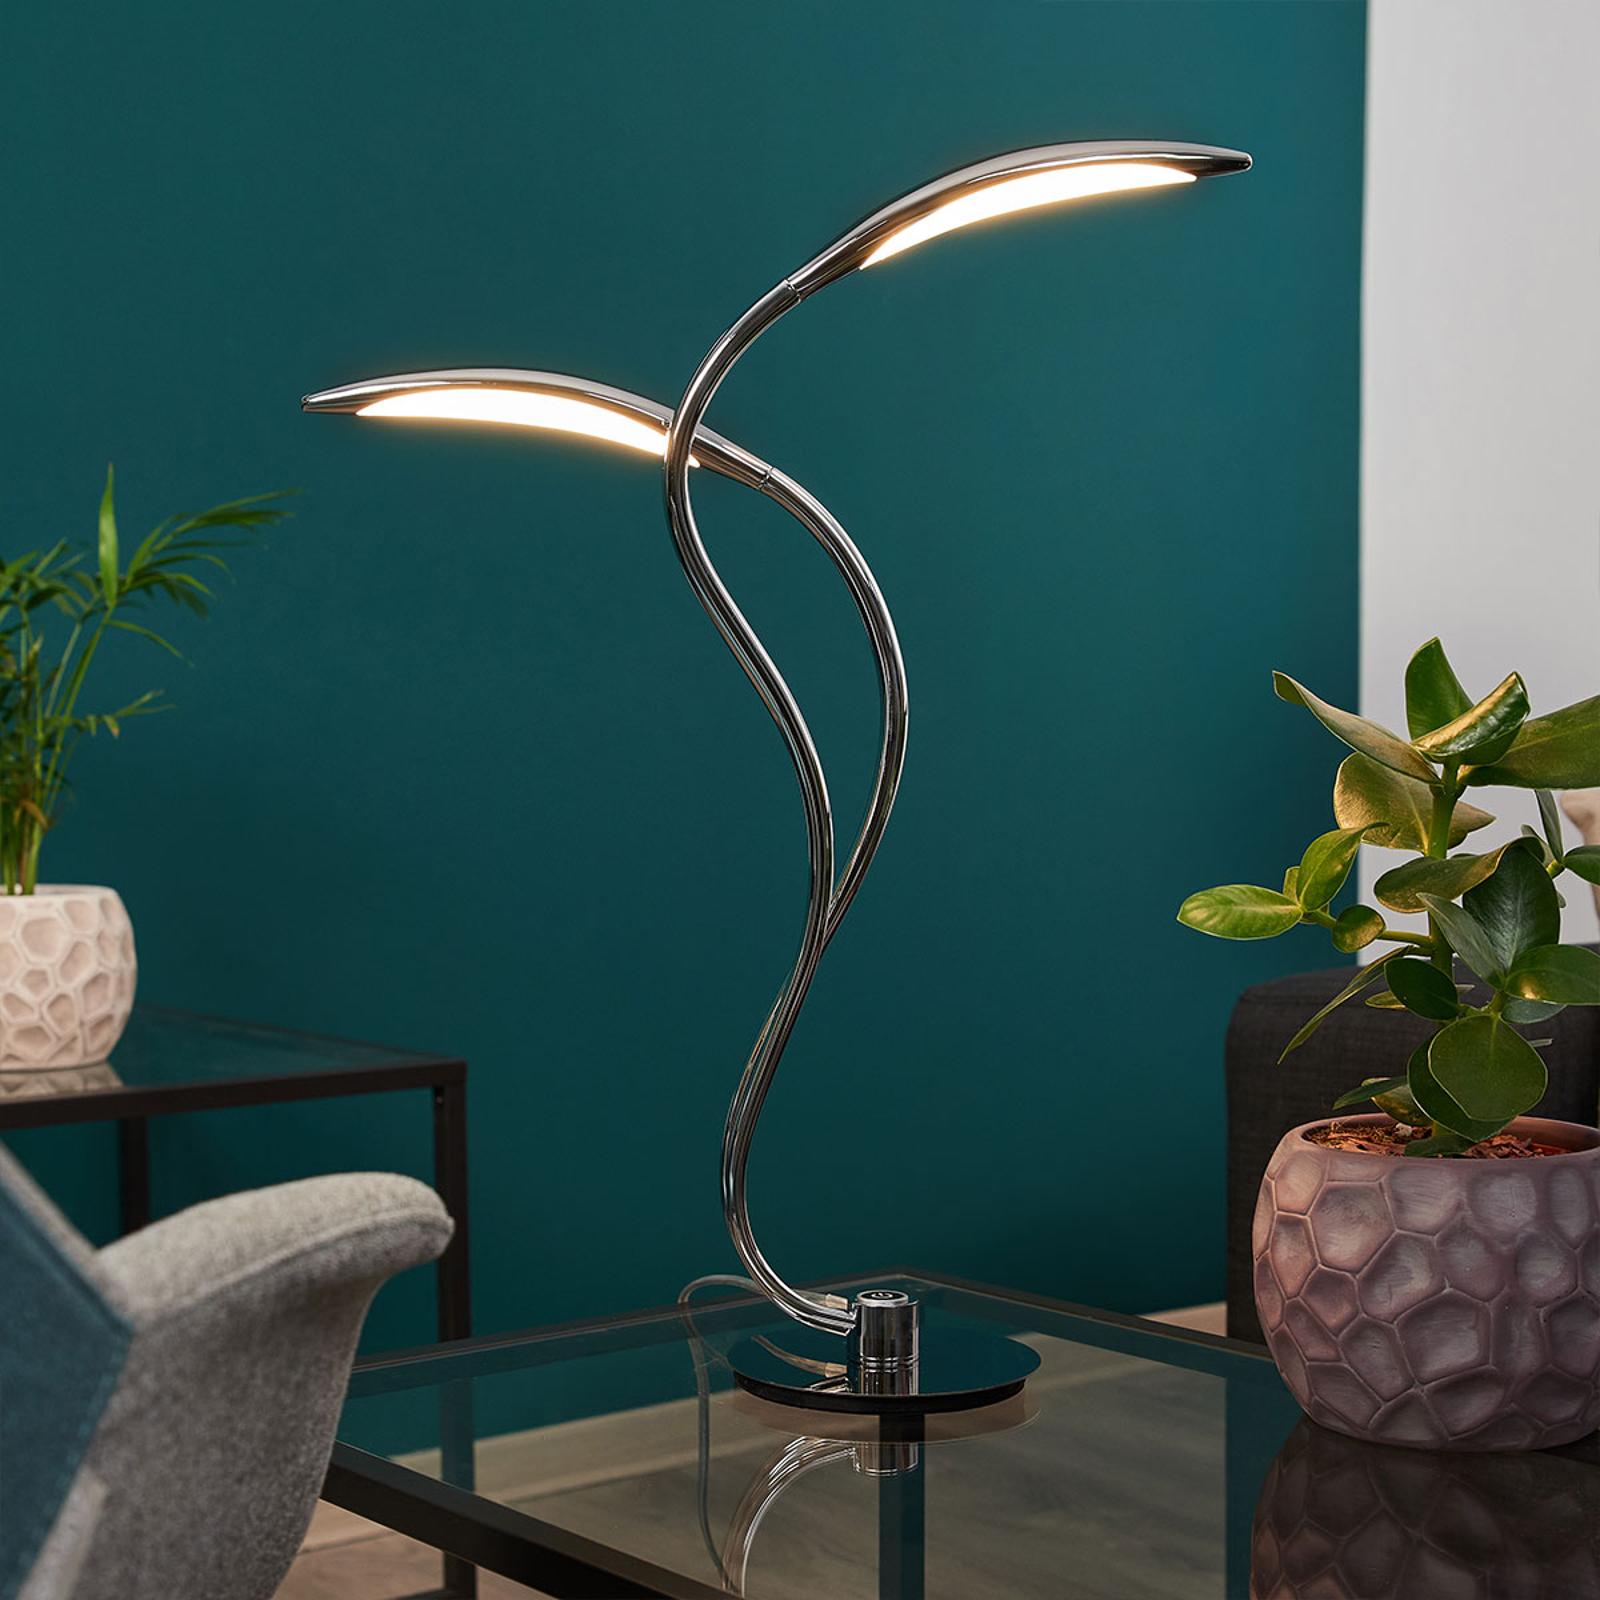 LED-bordslampa Hampton, dimbar, krom, 2 lampor